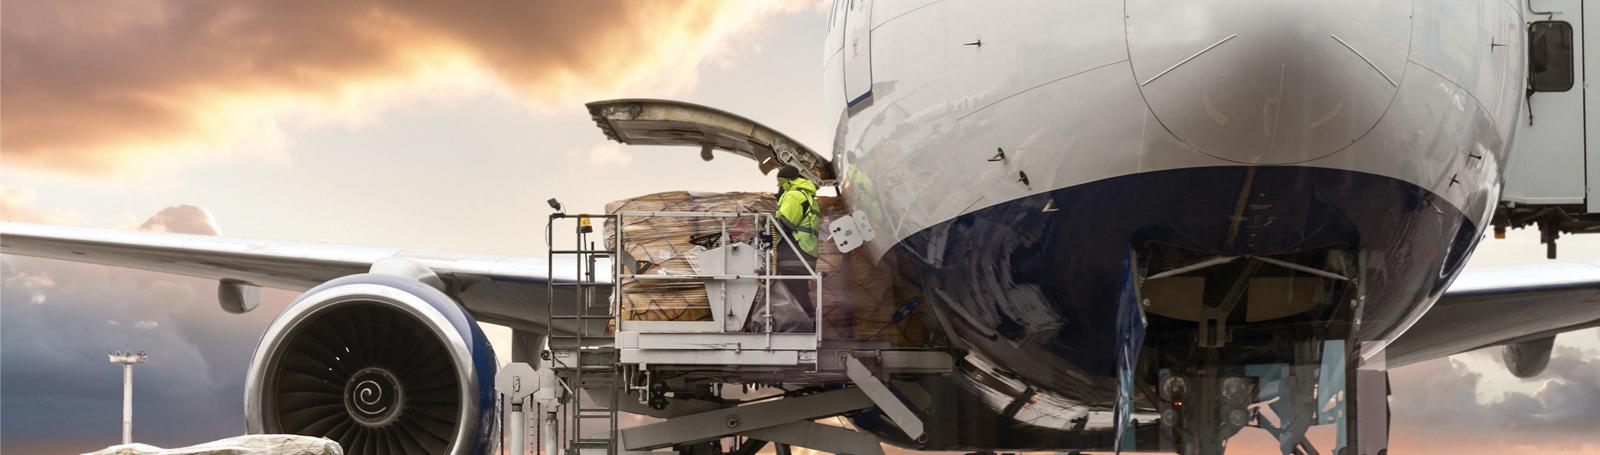 نرم افزار AeroData خدمتي جديد از کمپاني گارمين